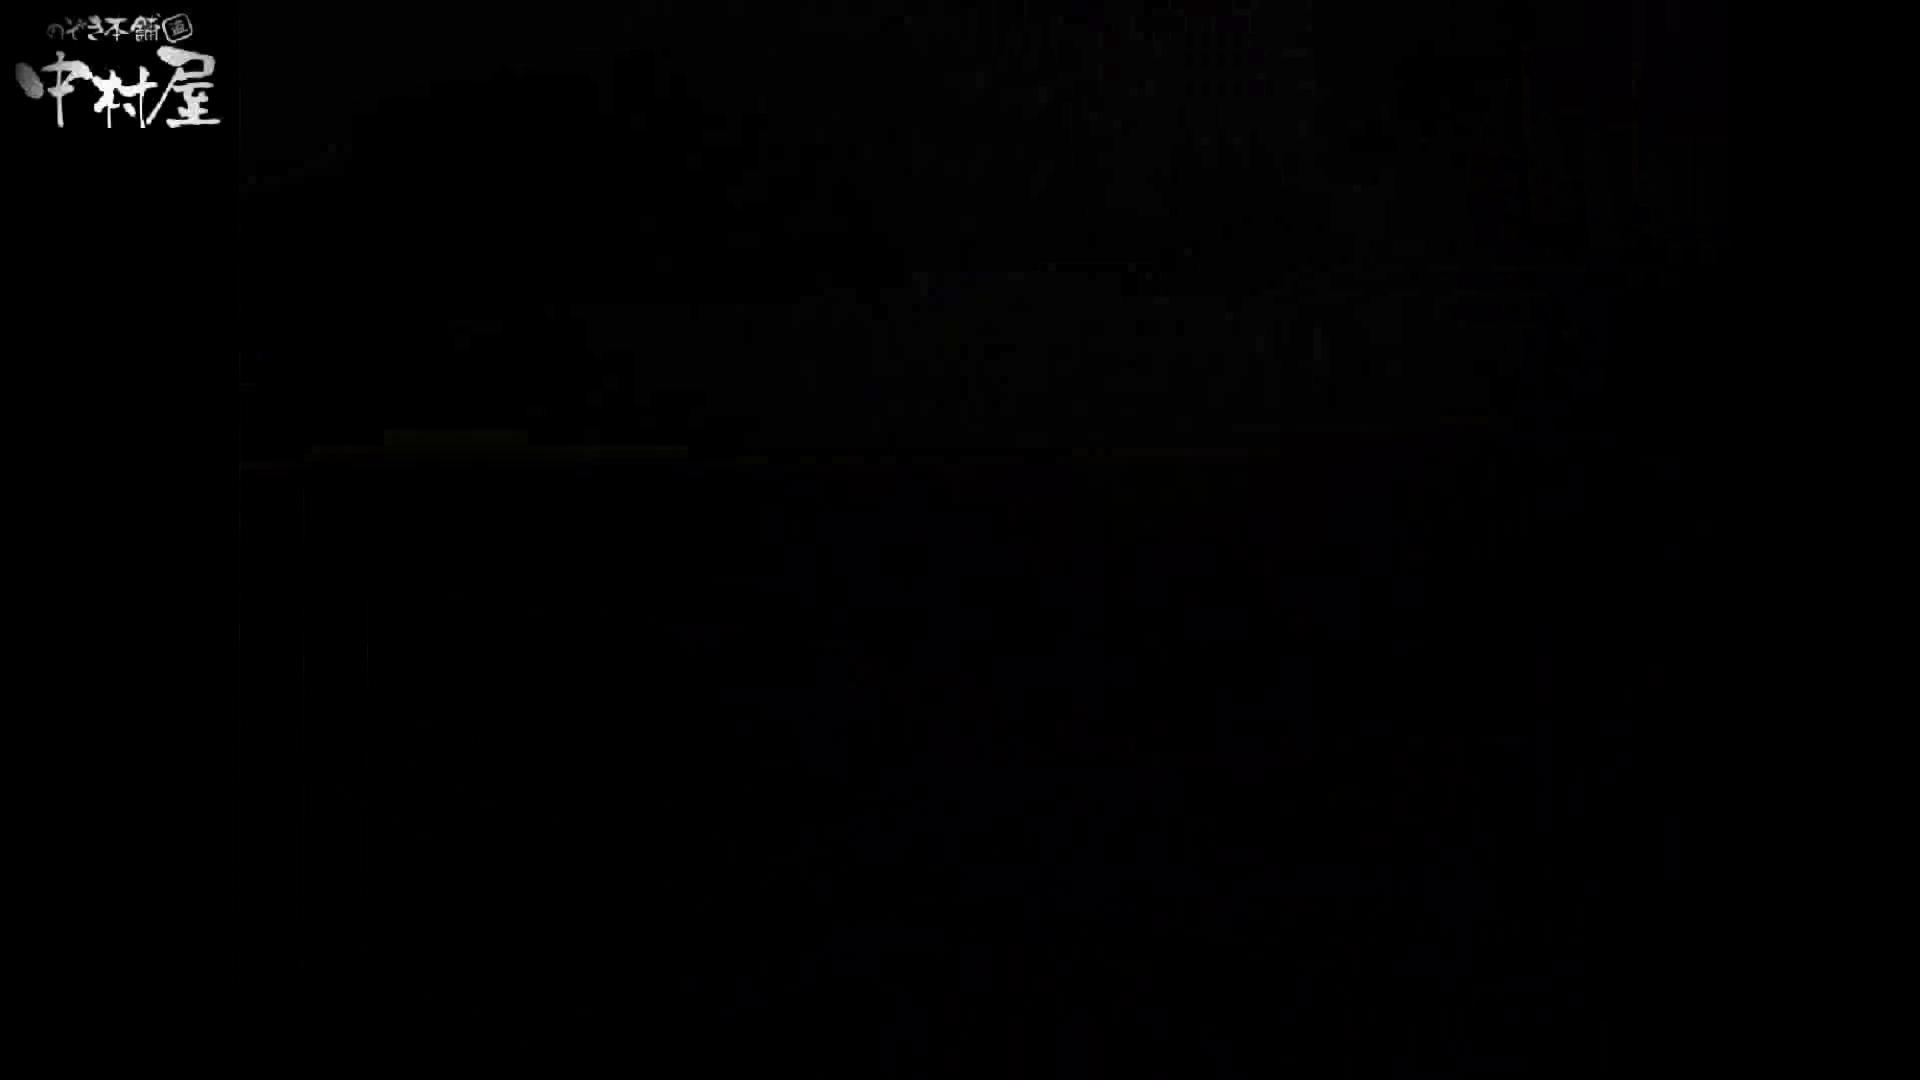 民家風呂専門盗撮師の超危険映像 vol.015 美女 | 美少女のエロ生活  107連発 31